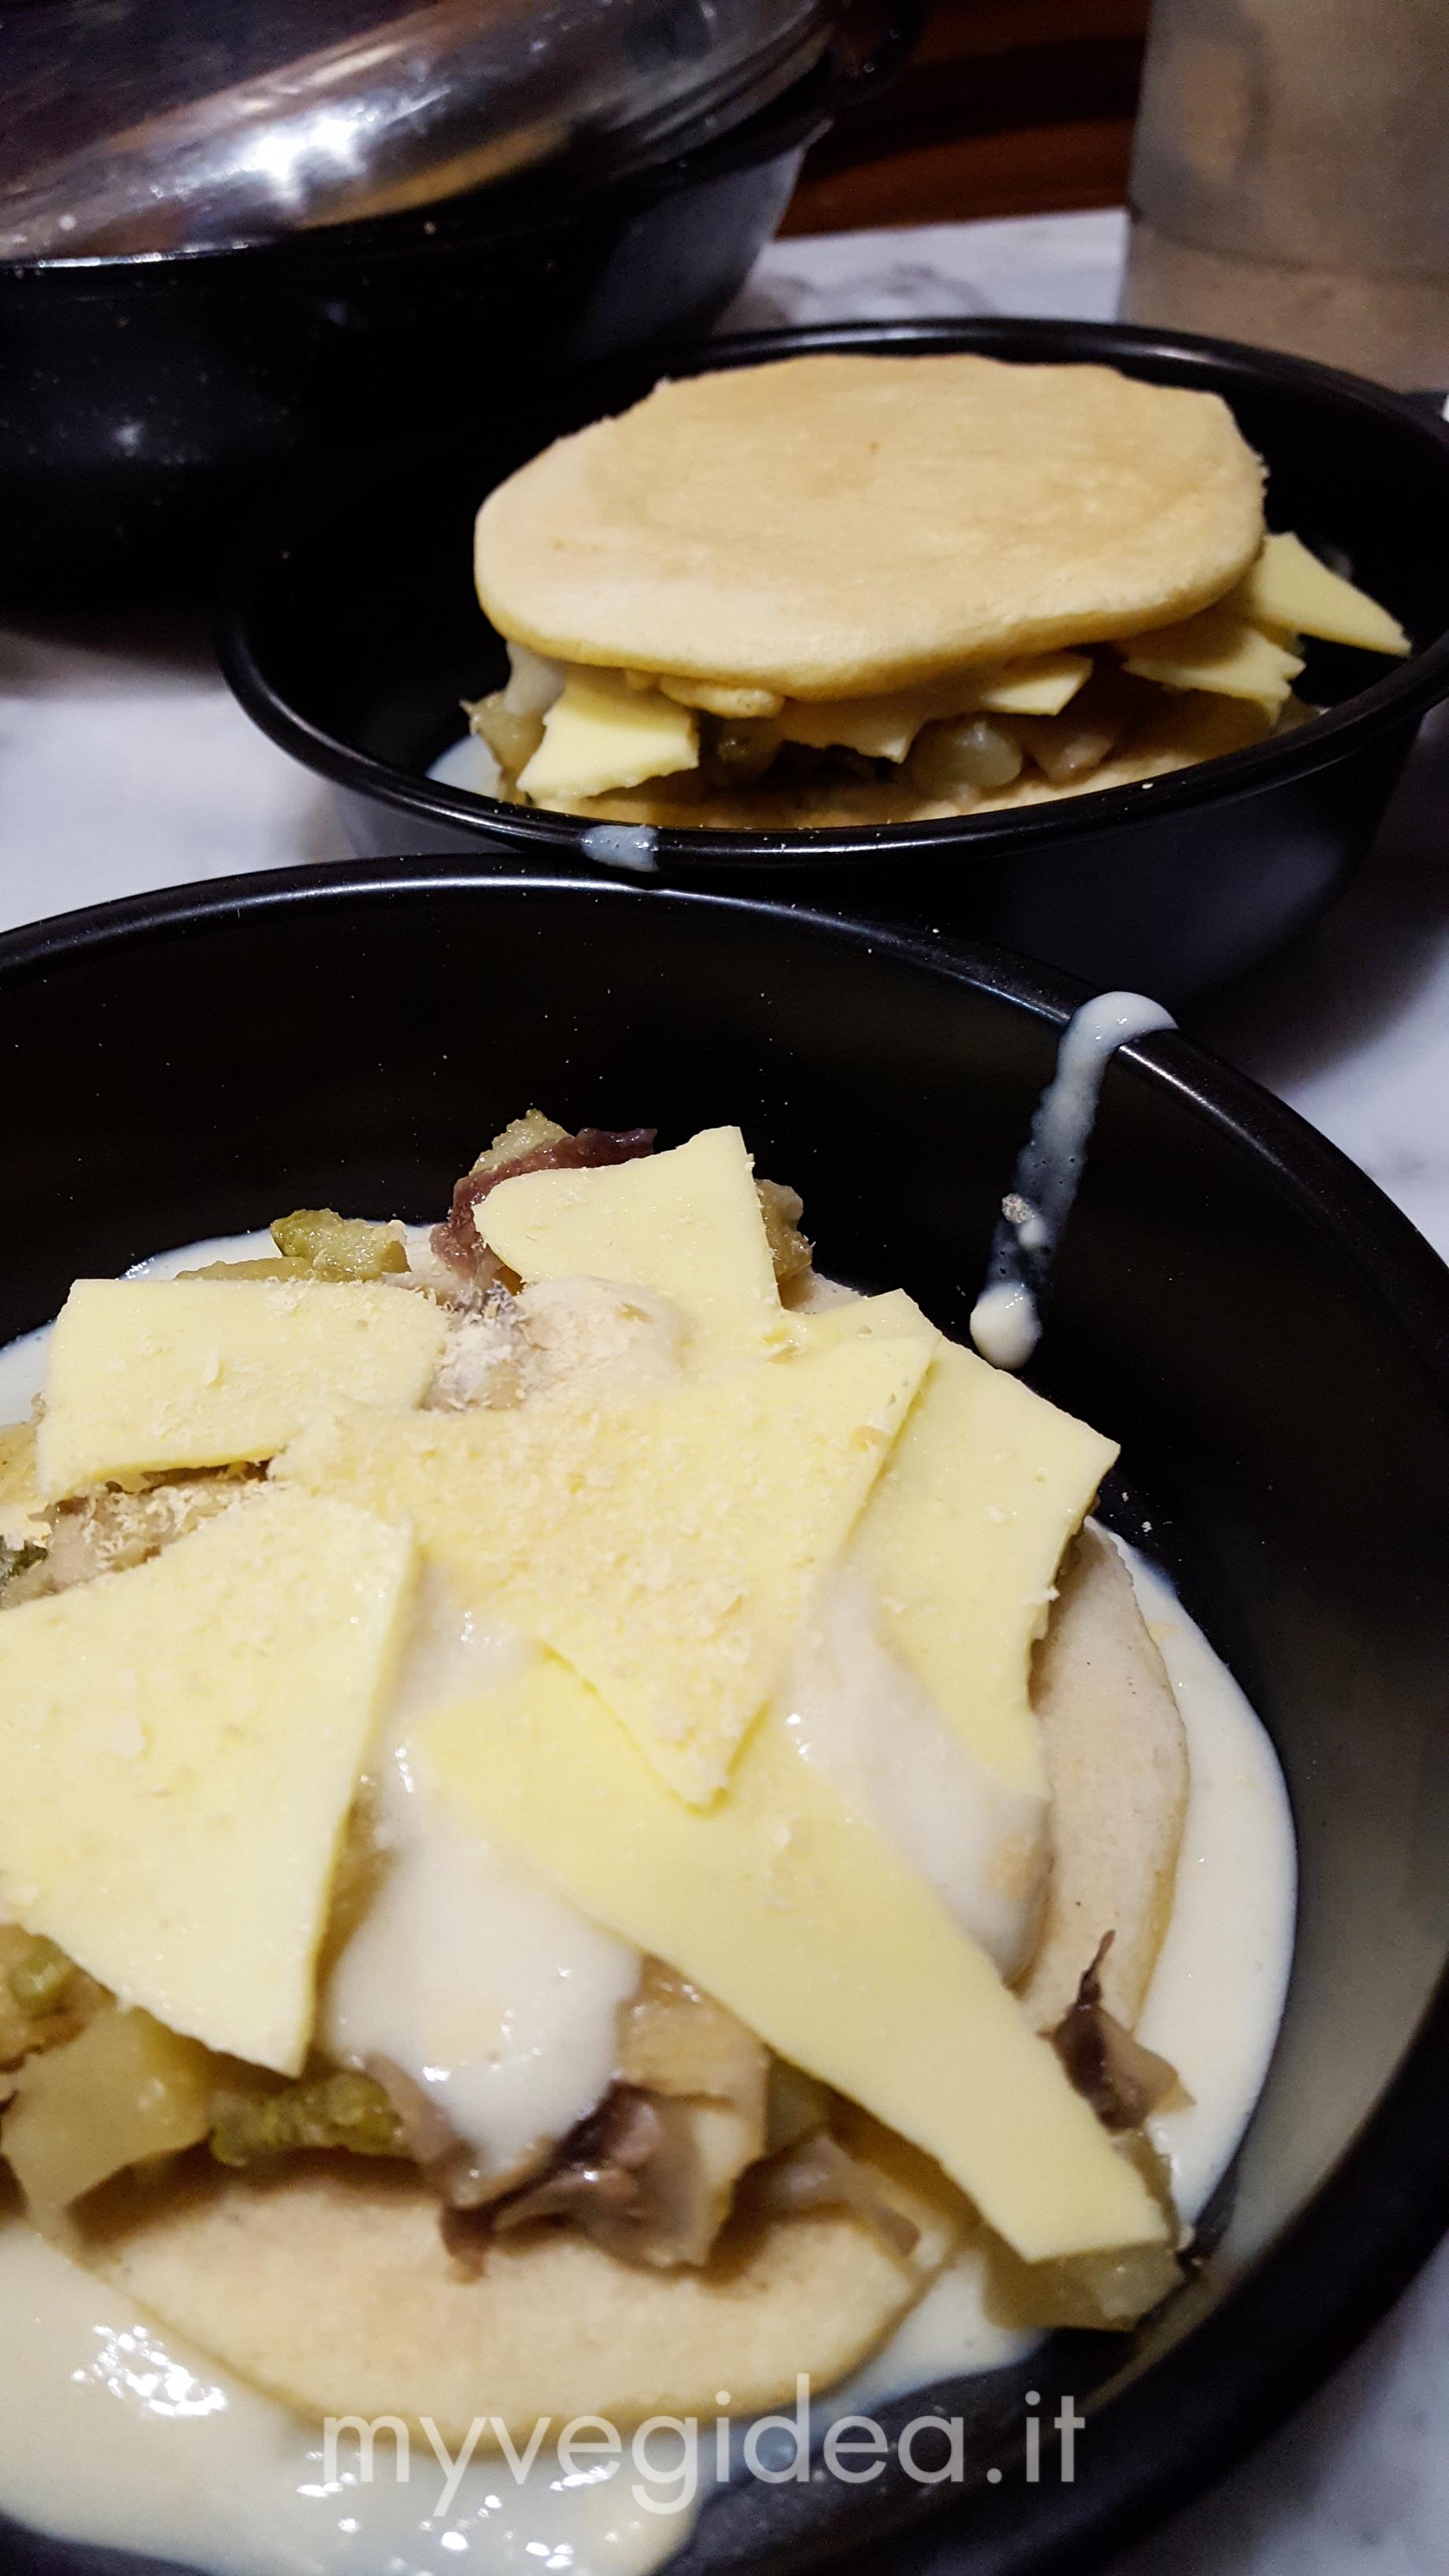 pancakes salati giugno 2